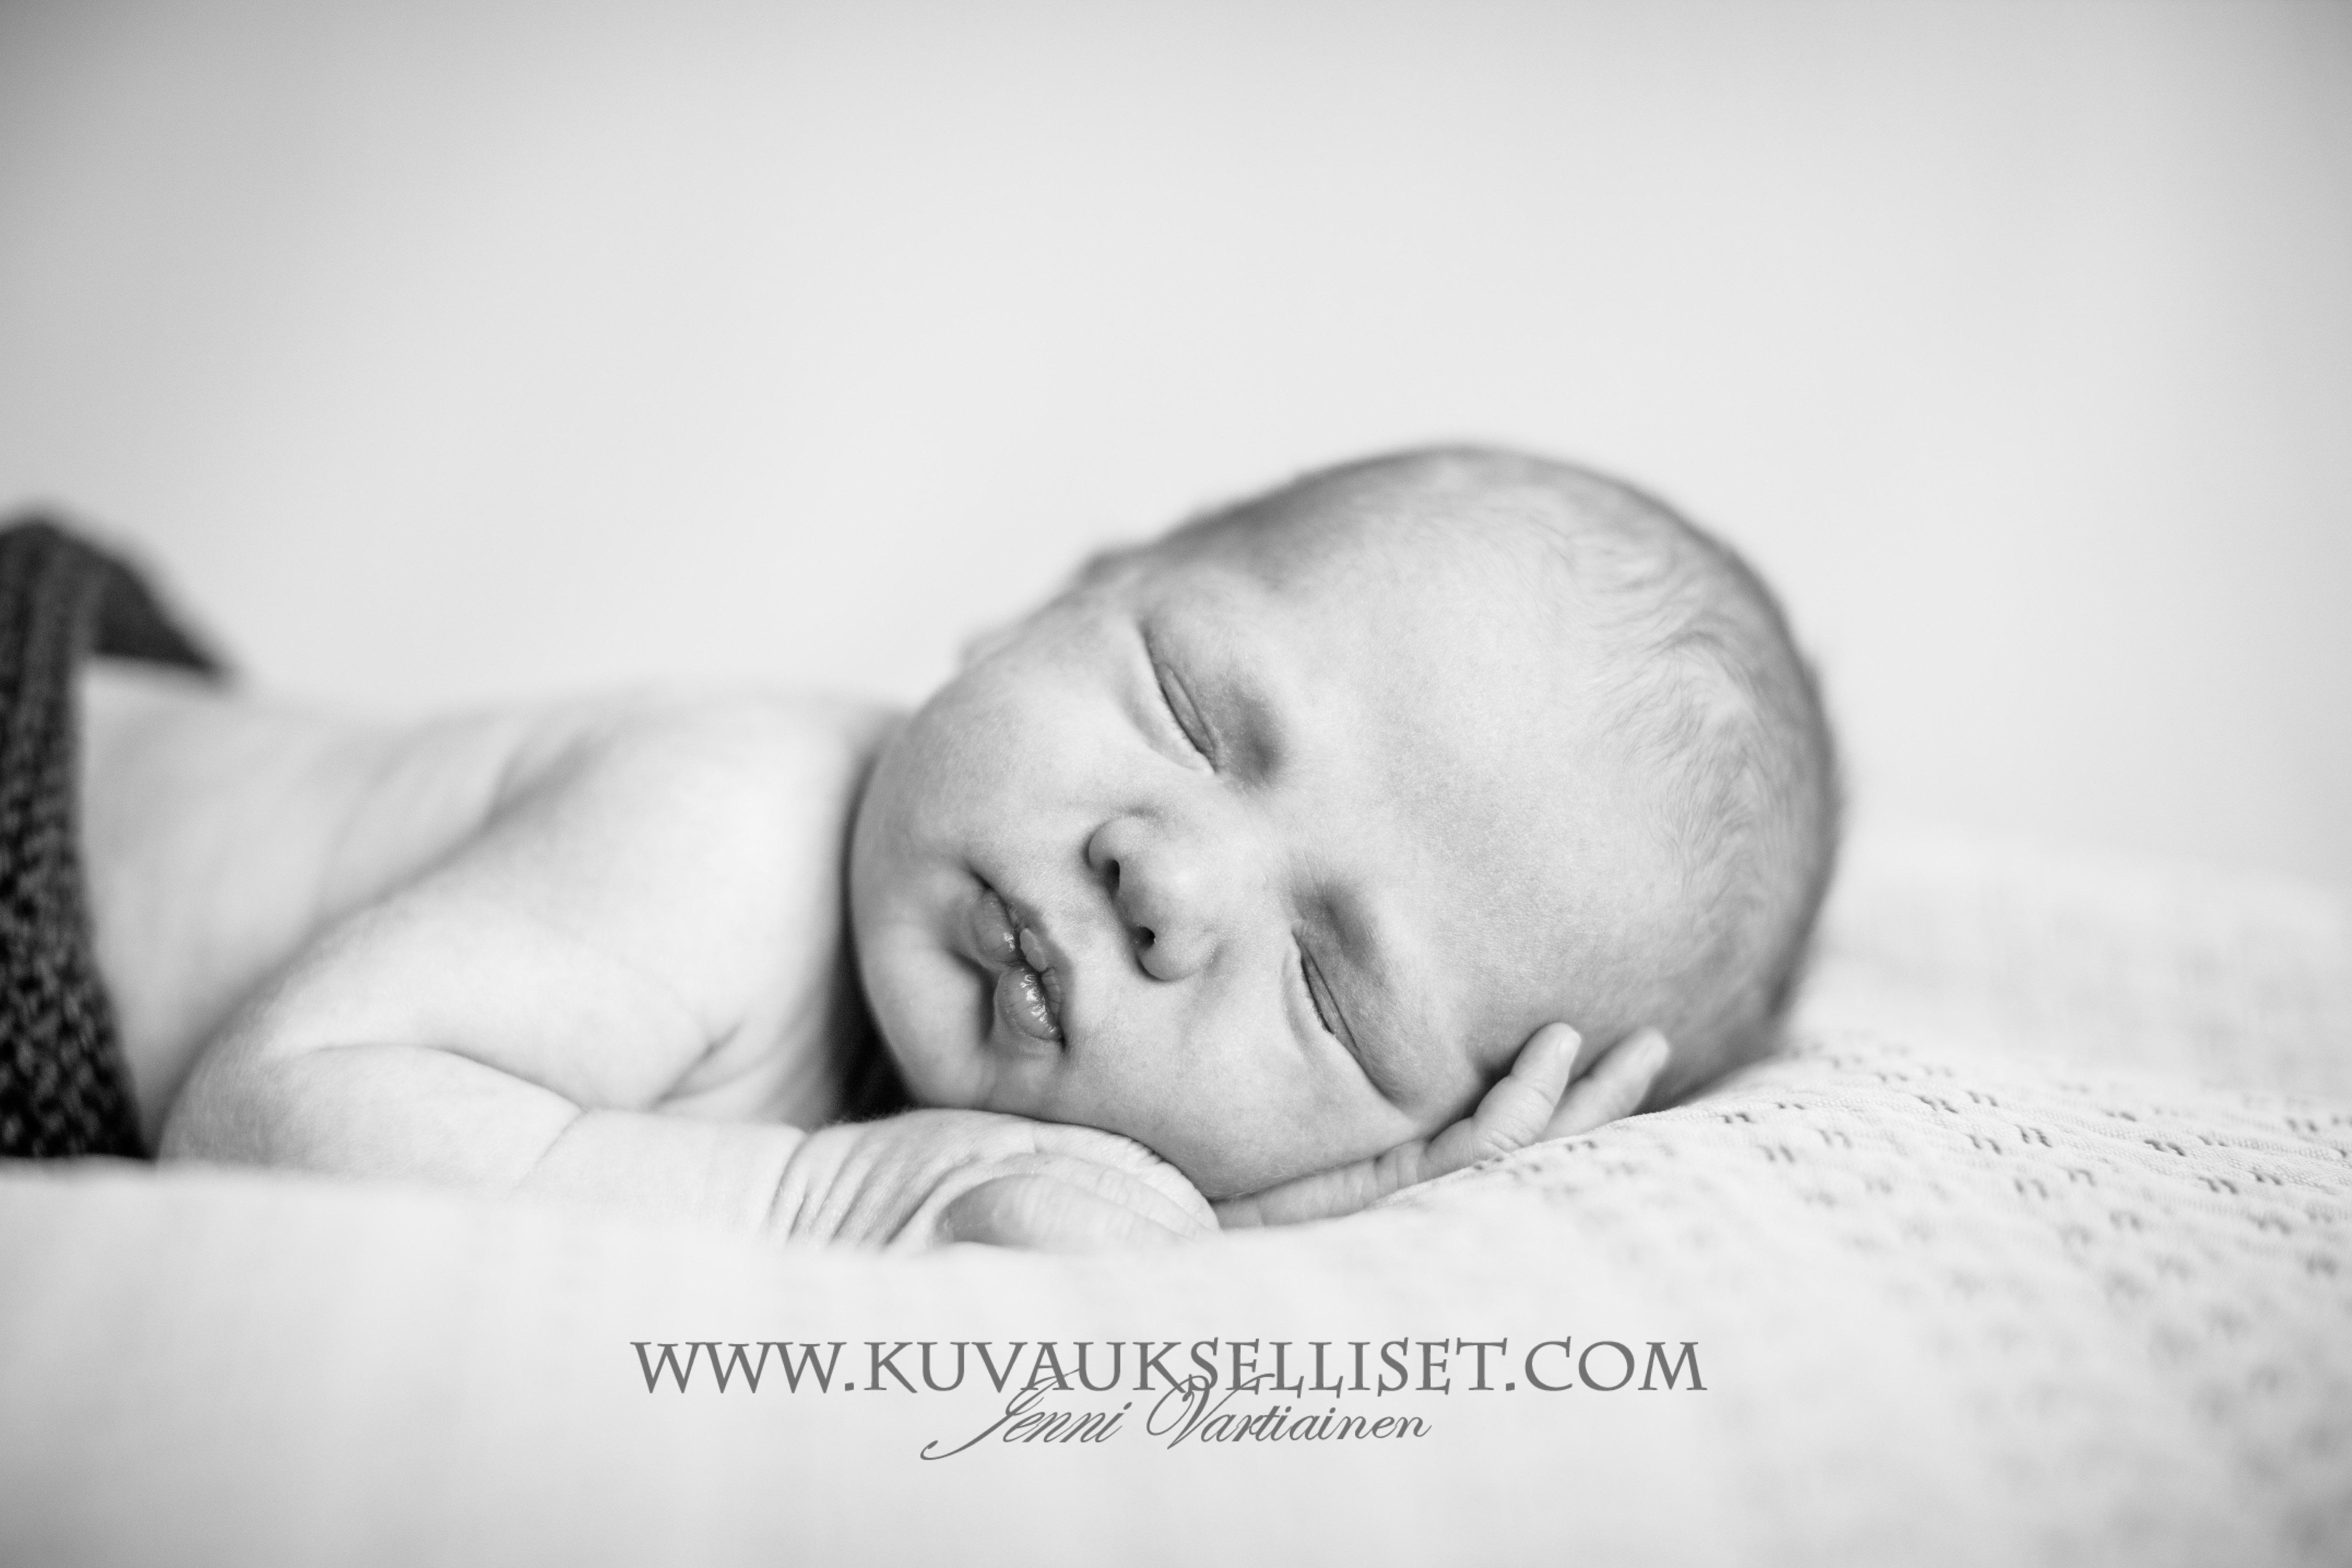 2015.3.15 vastasyntyneen kuvaus jenni vartiainen vauvakuvaus new born photography  bw logo-1